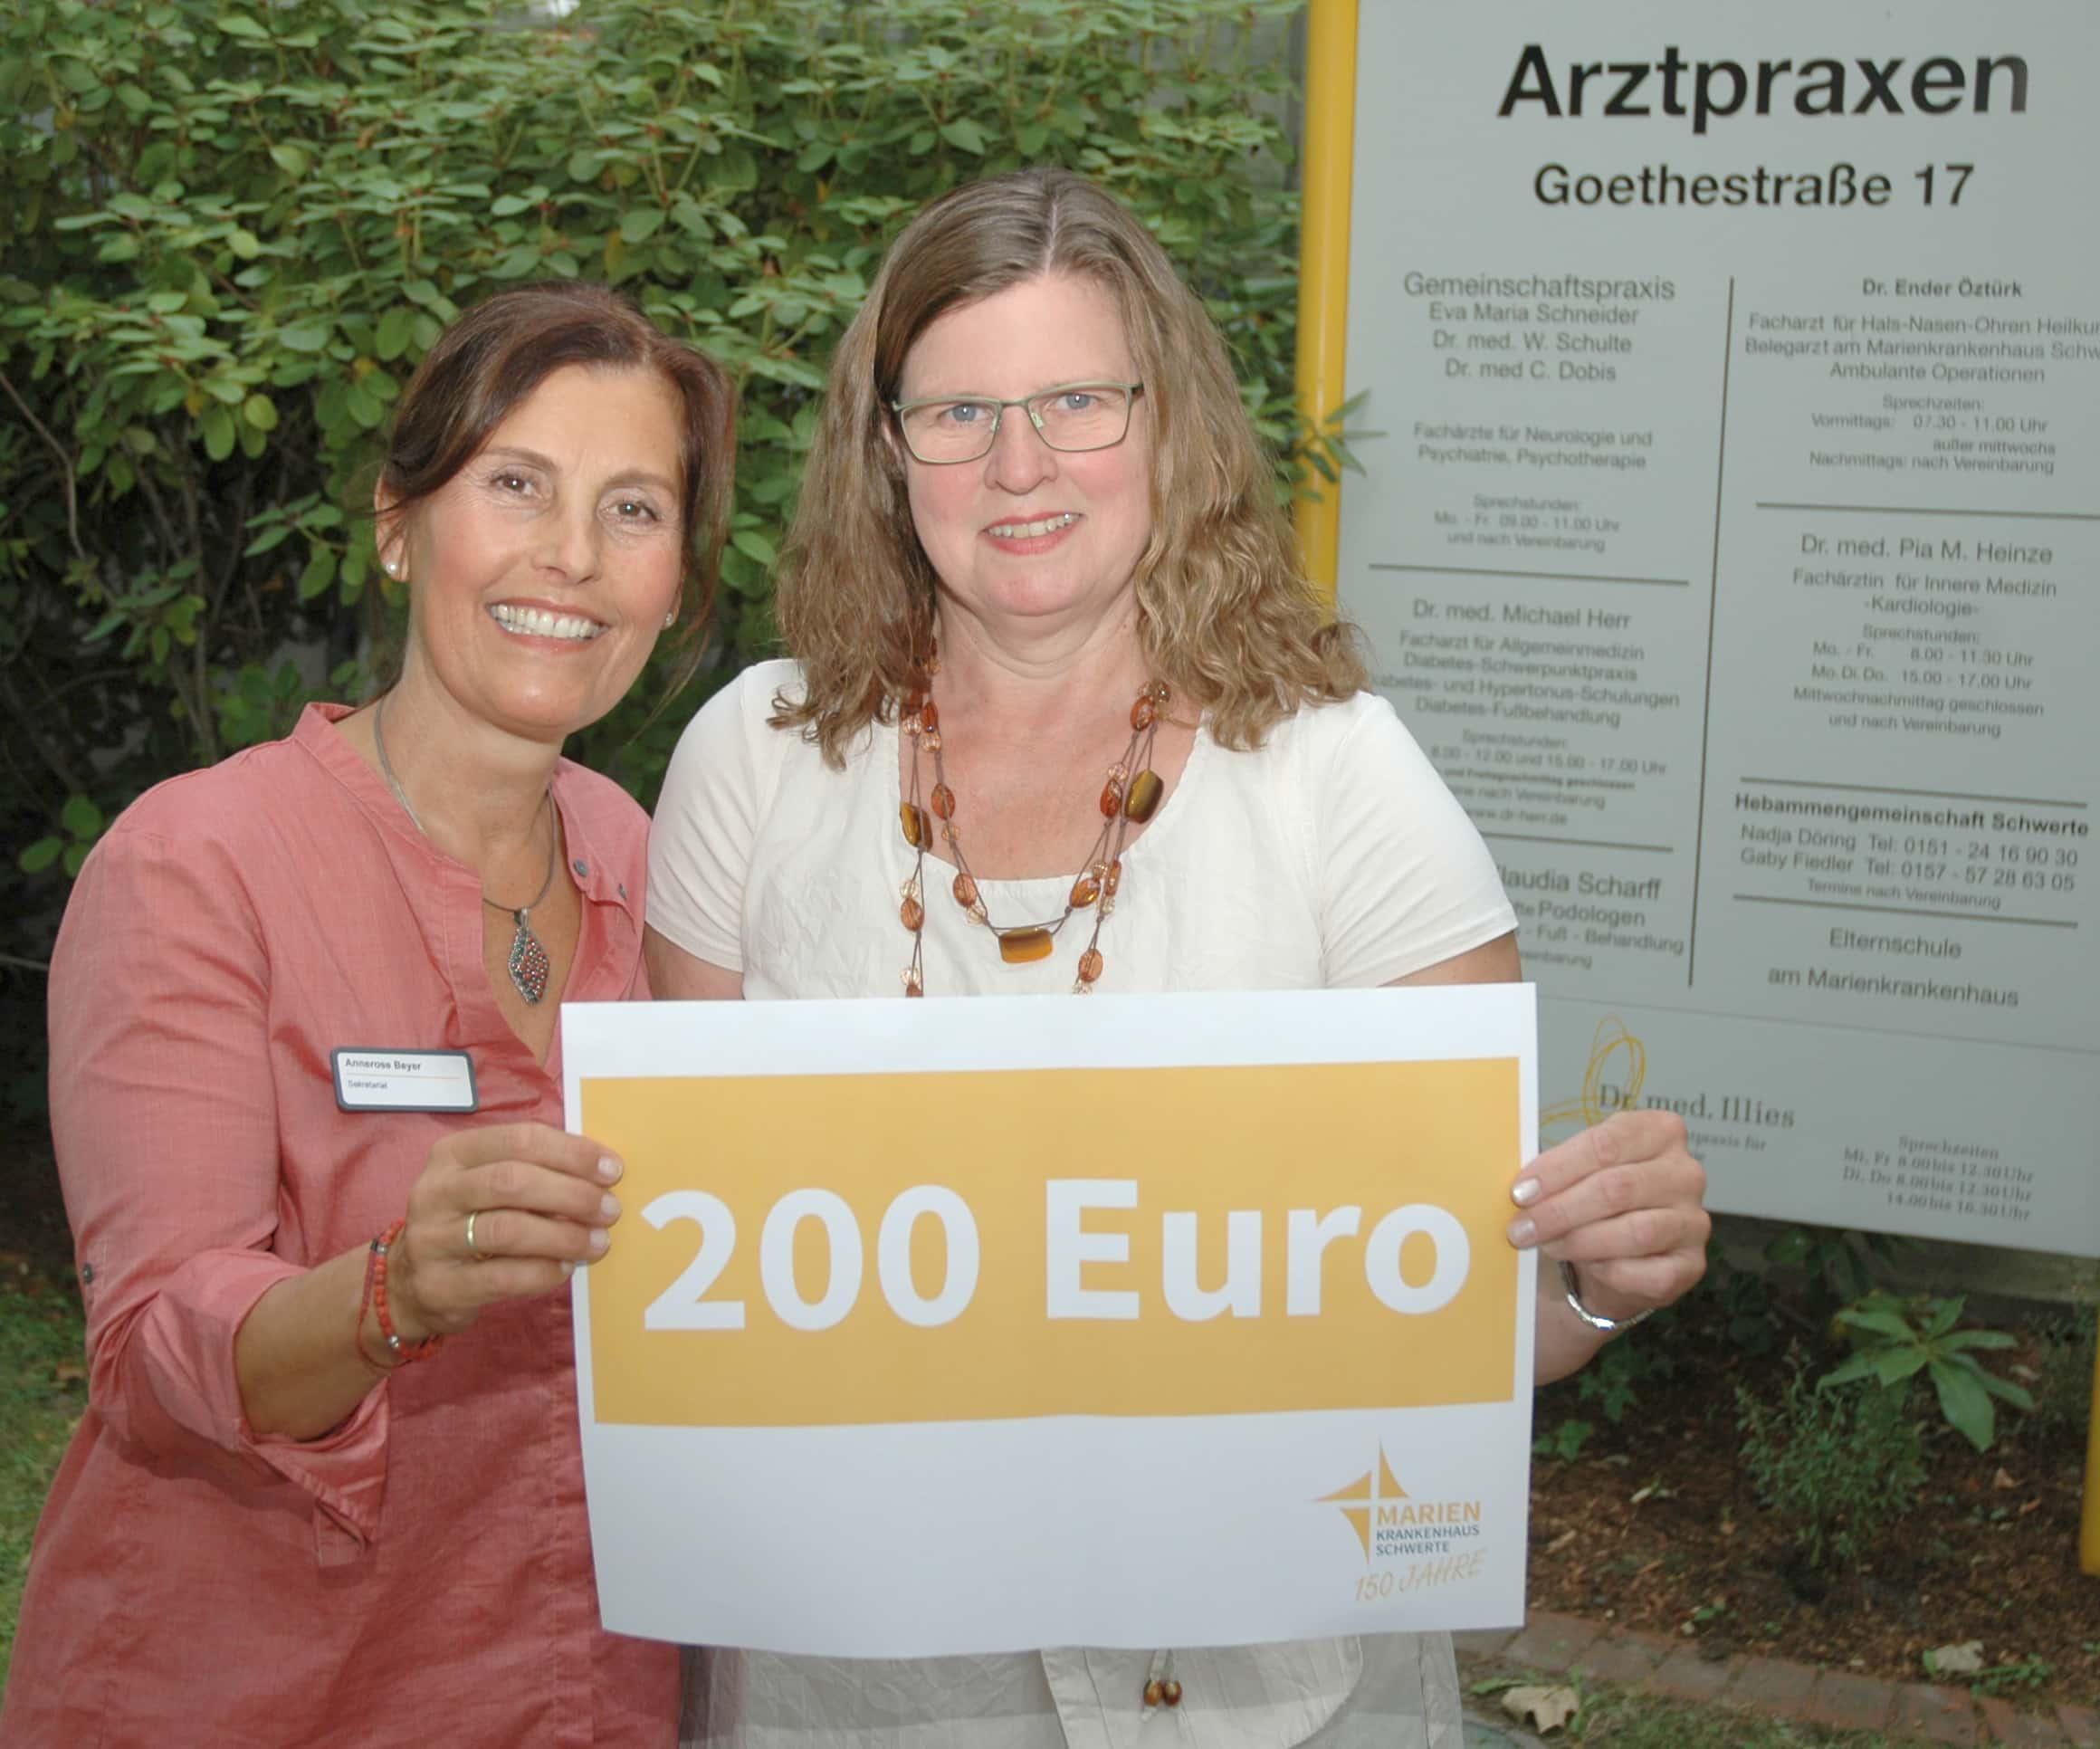 200 Euro für das wellcome-Projekt